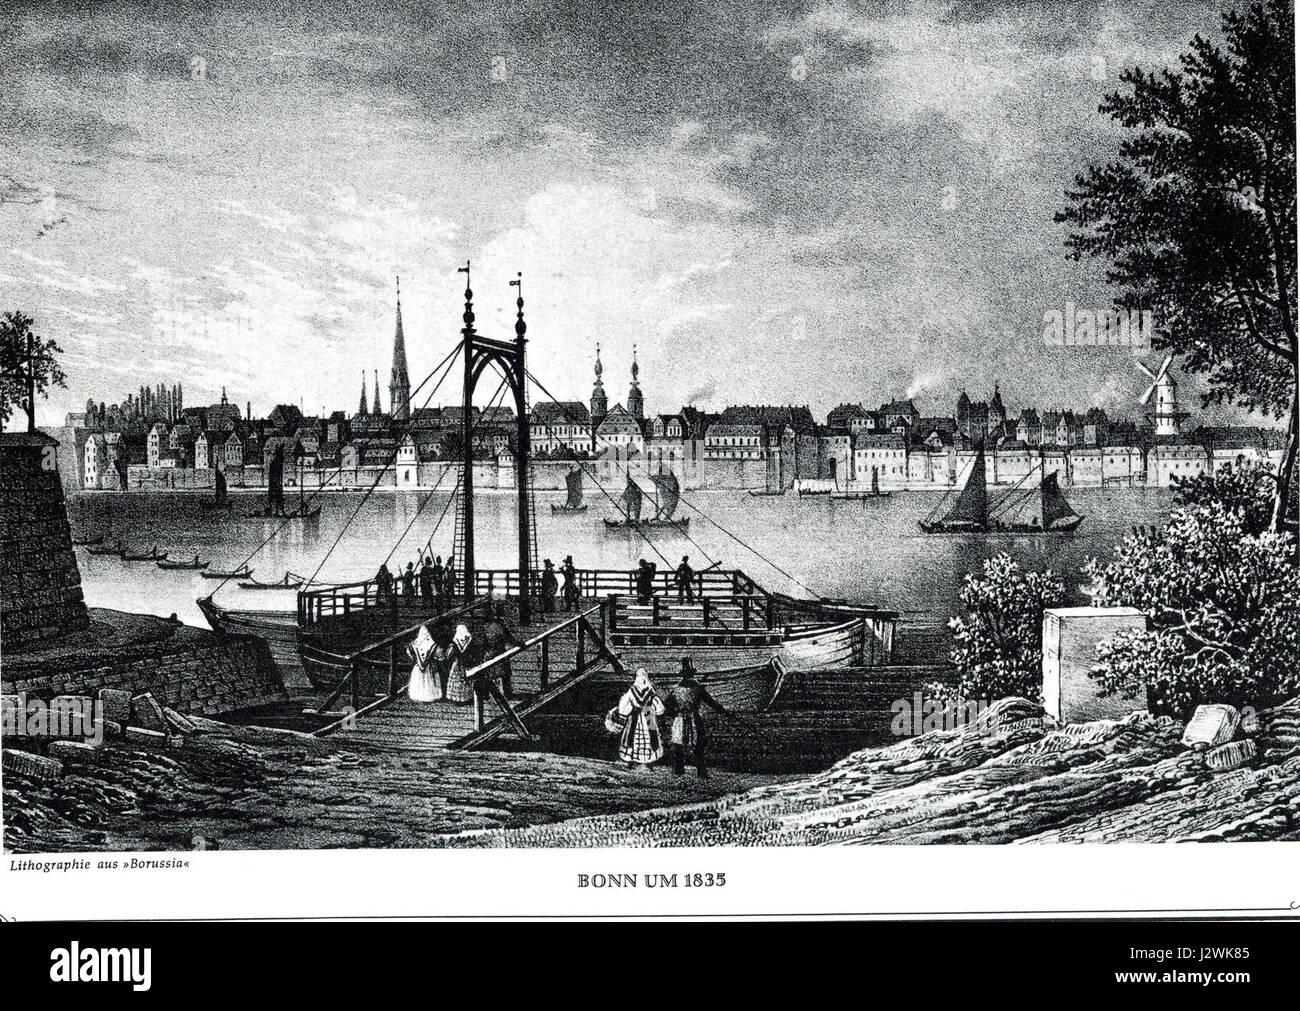 Bonn um1835 Stahlstich - Stock Image